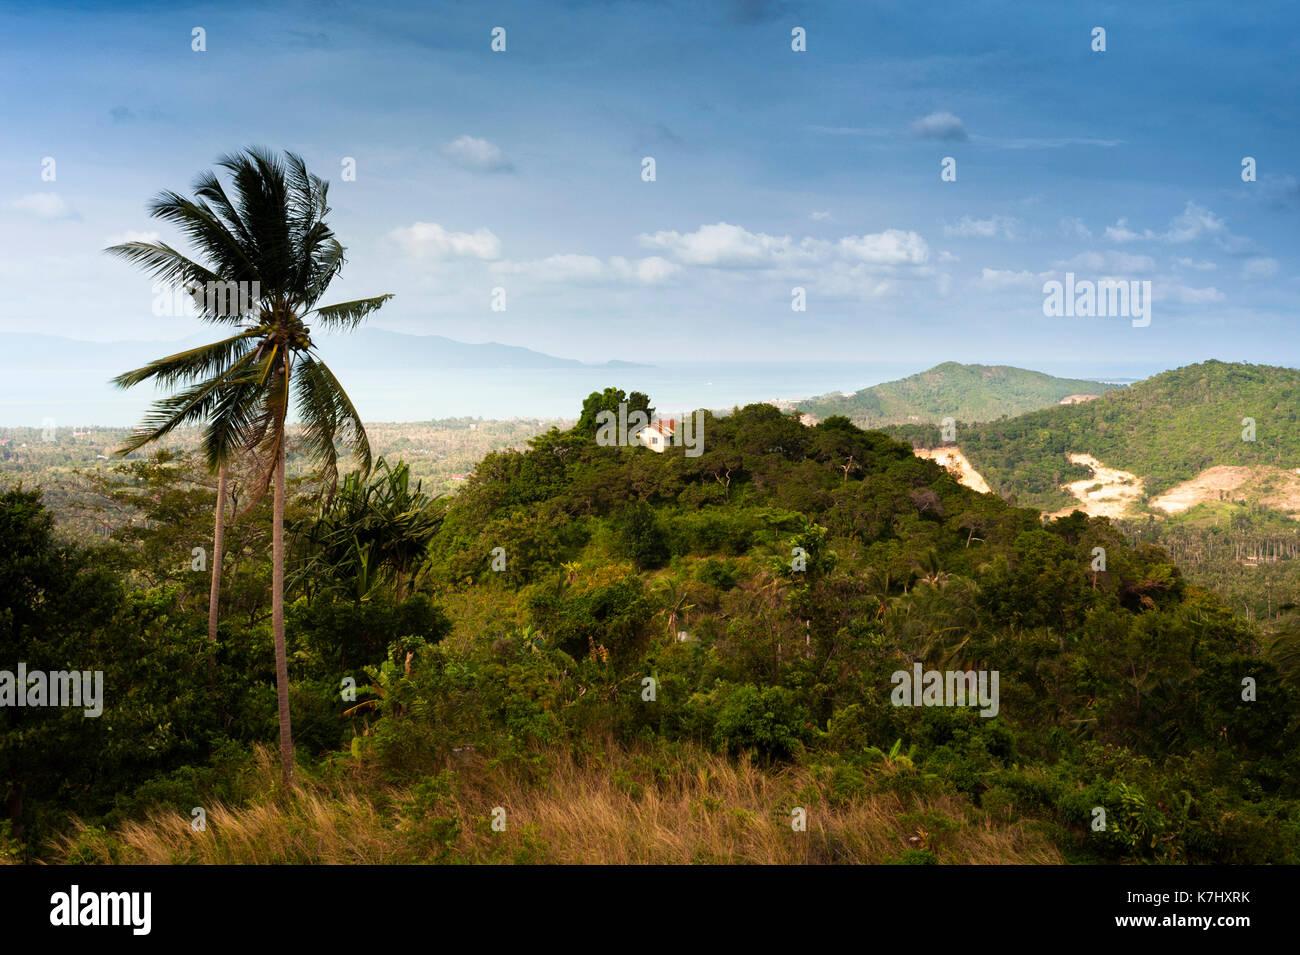 Chambre avec vue sur l'île de Koh Samui, Thaïlande Photo Stock